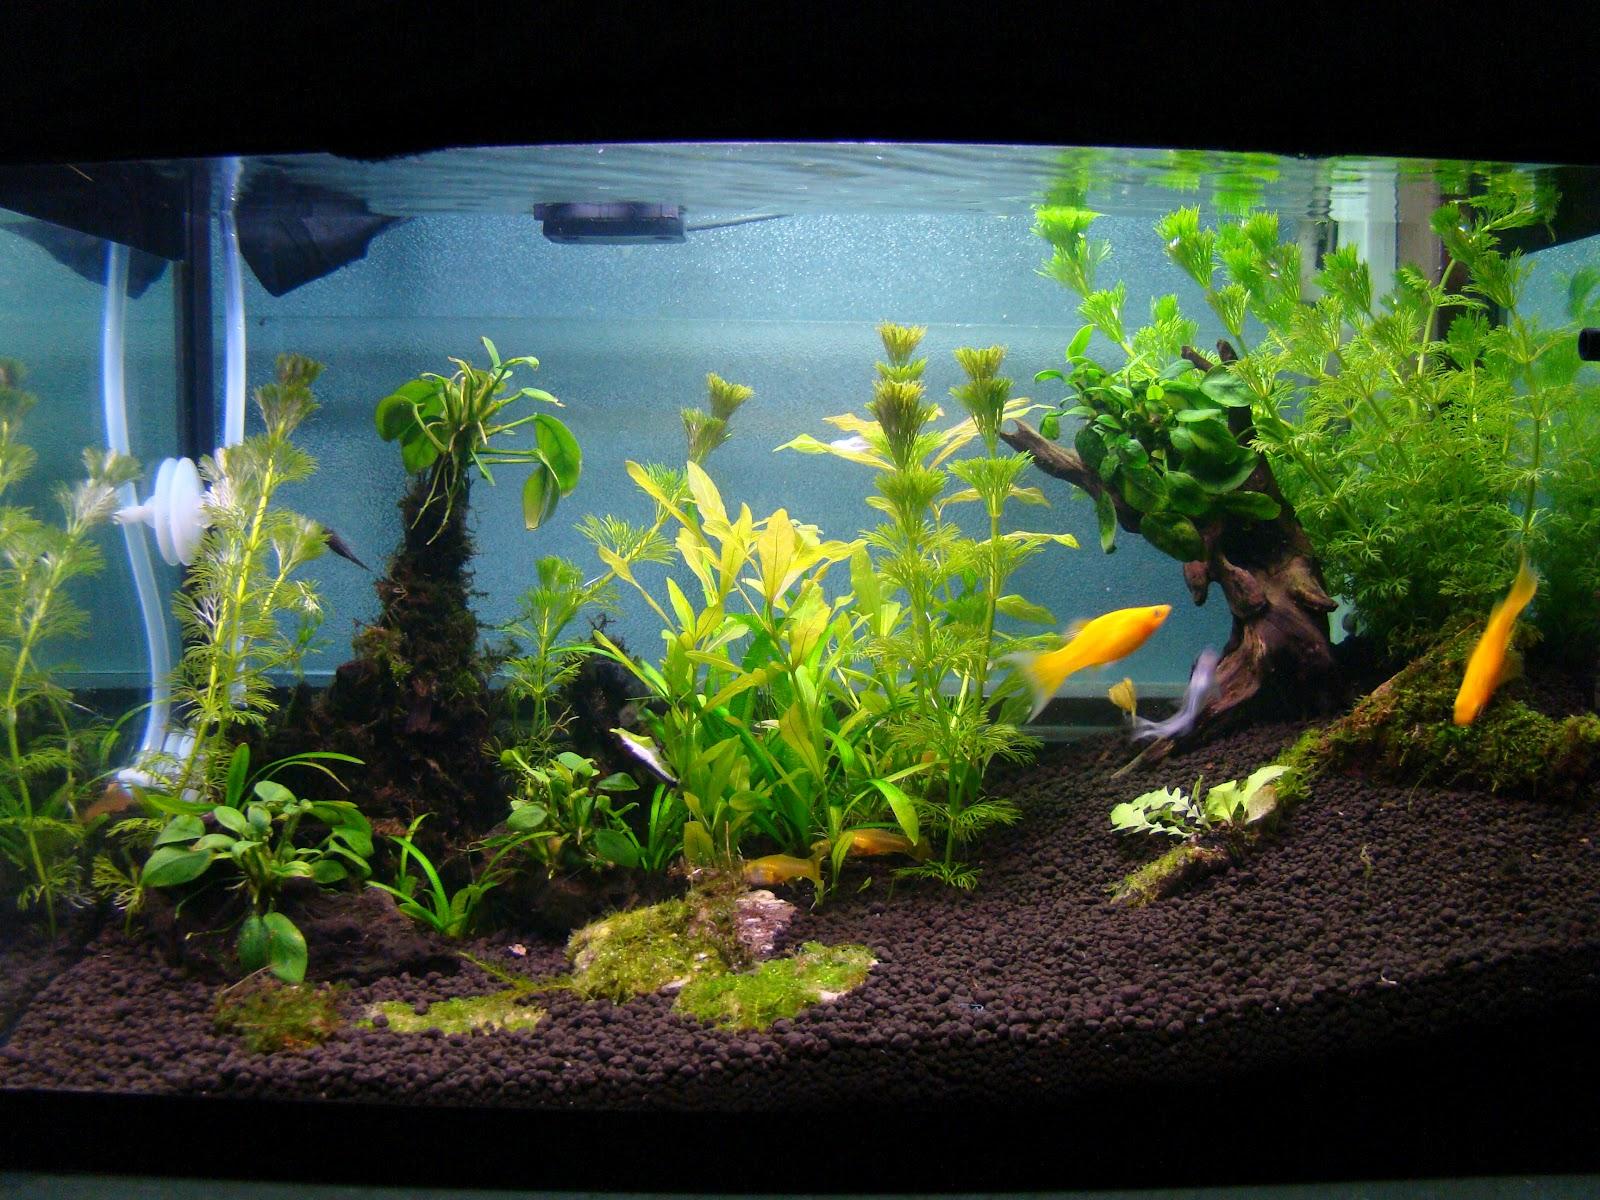 Aquascaping Planted Tank : AquaBie: Aquascape - Planted Tank (Golden Shine)